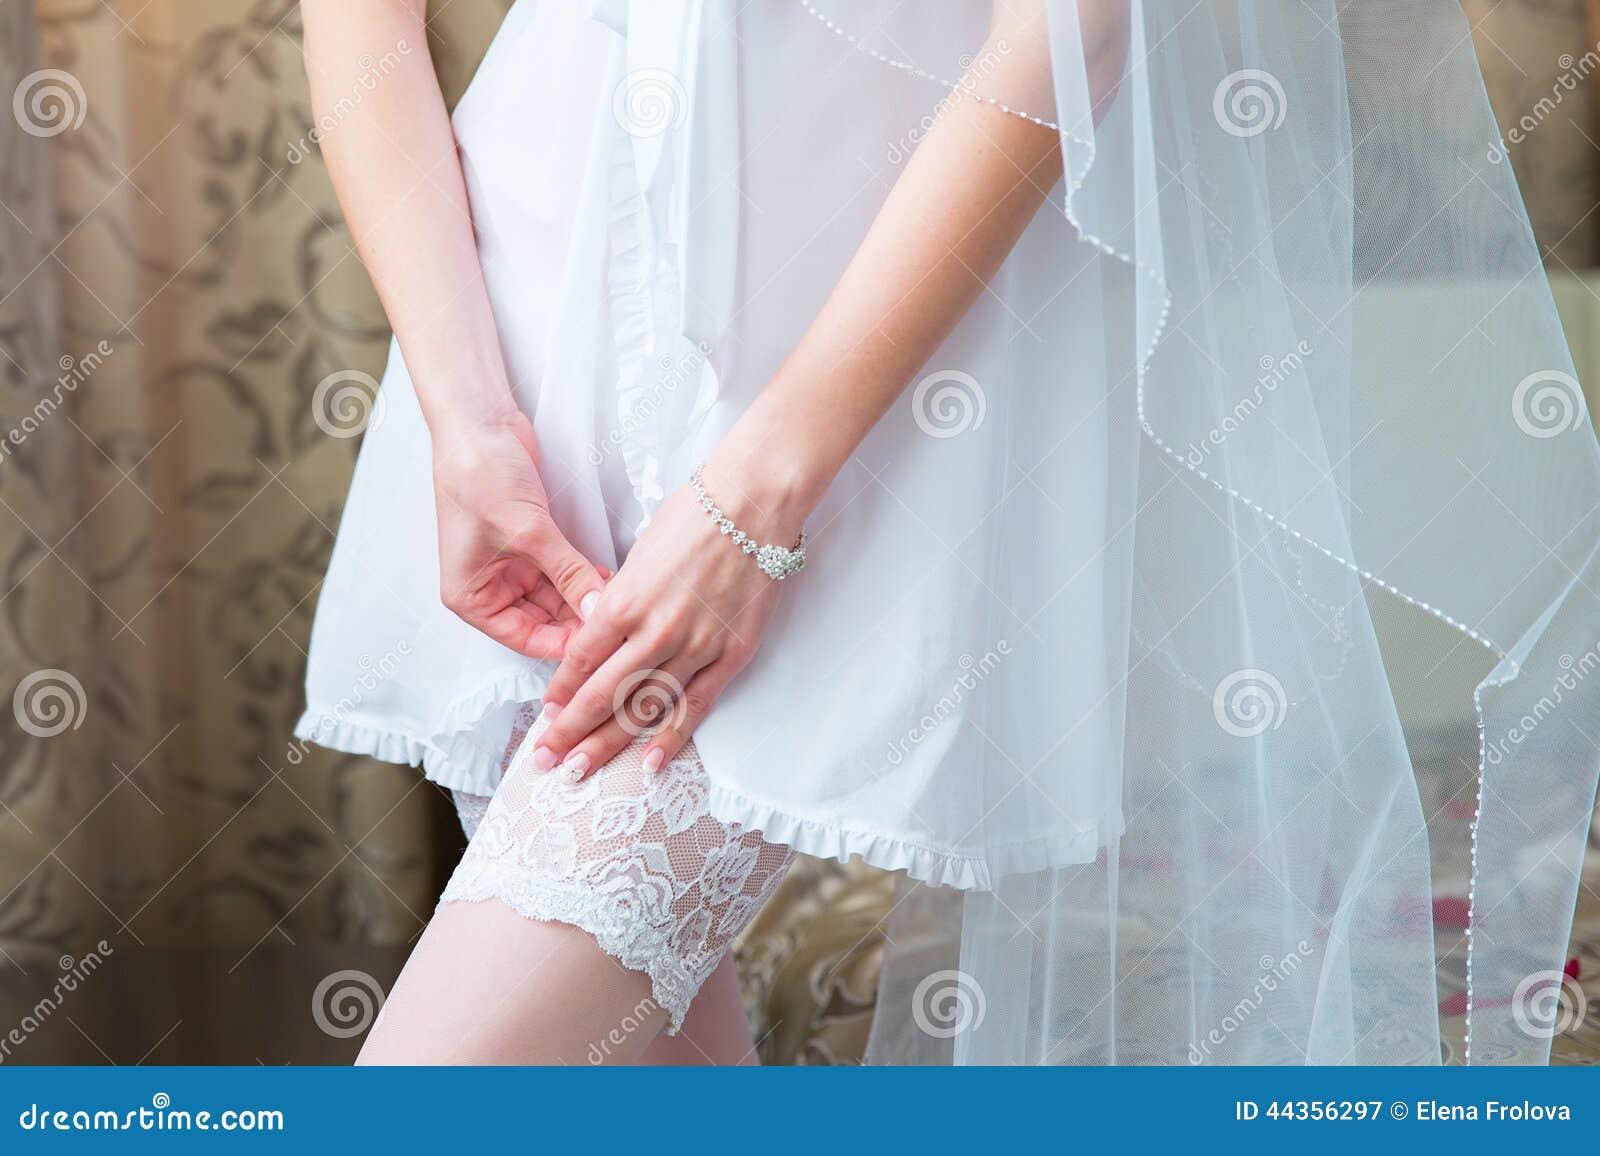 Фото невест нога на ногу, Снова невесты. Ножки (42 фото) » Триникси 25 фотография